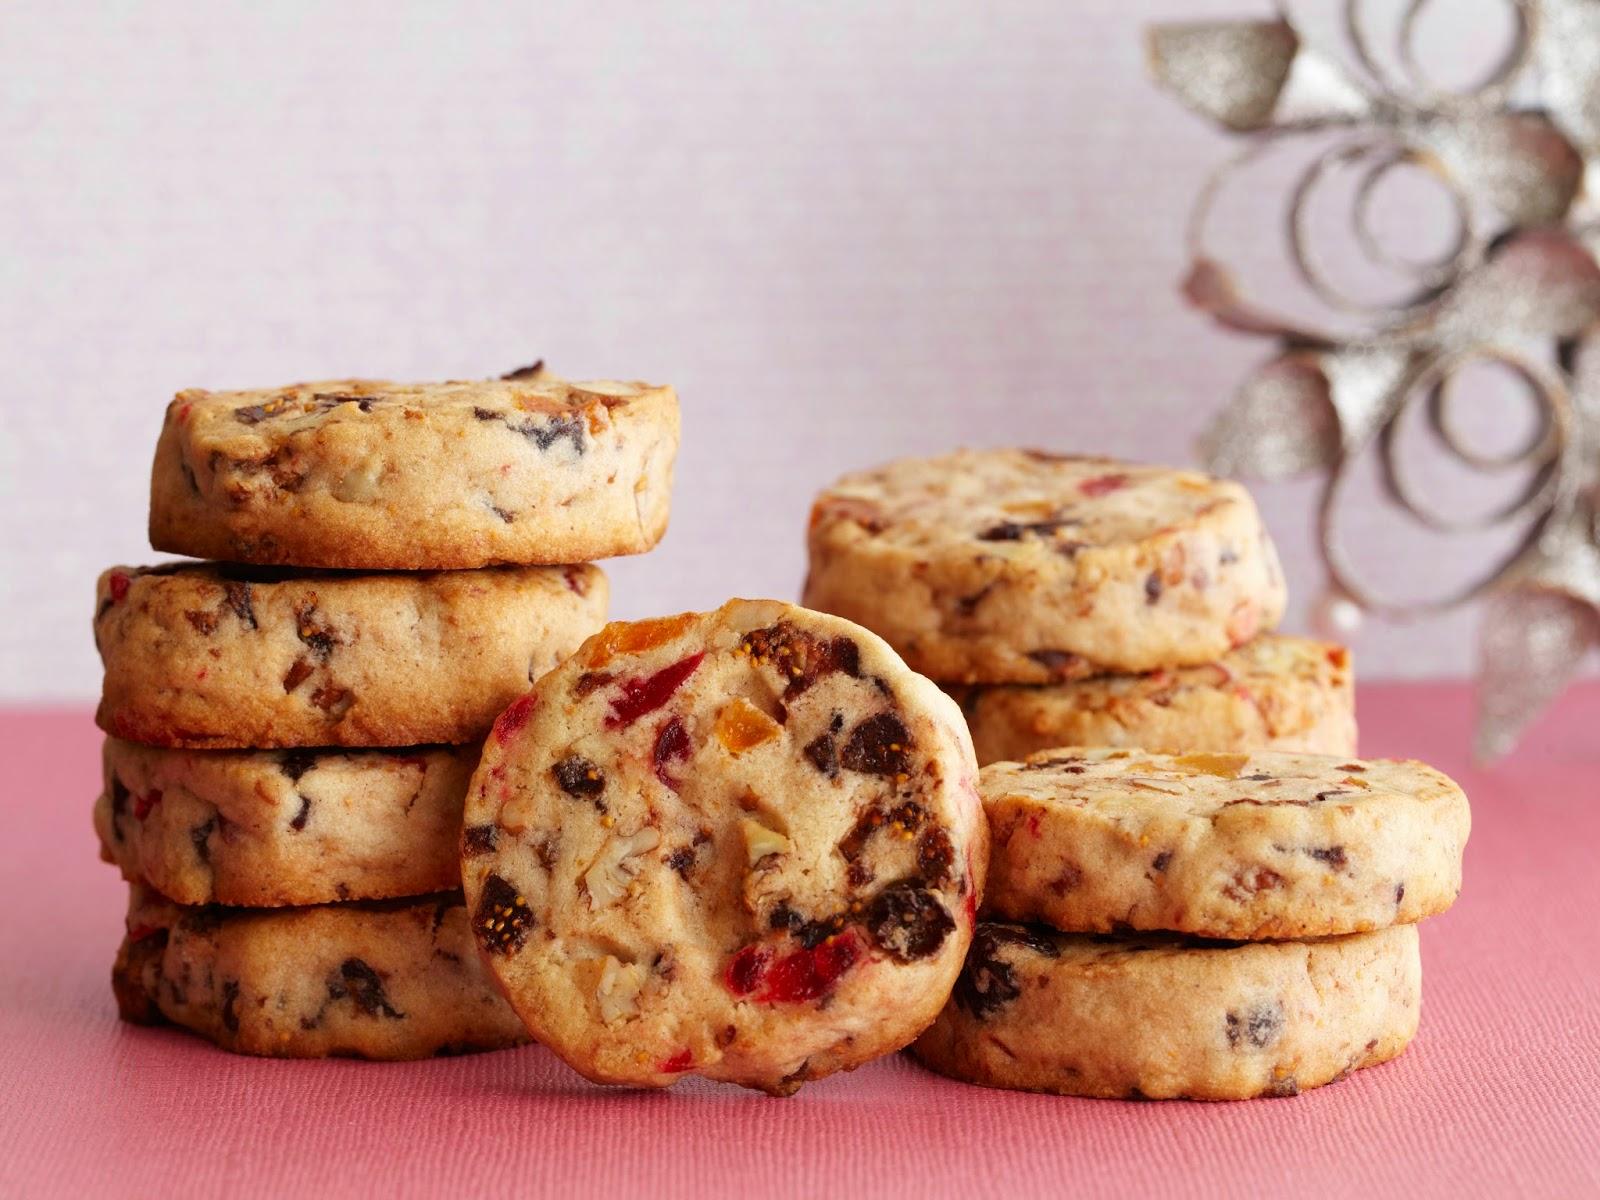 Resep Butter Mixfruit Cookies Manis dan Gurih